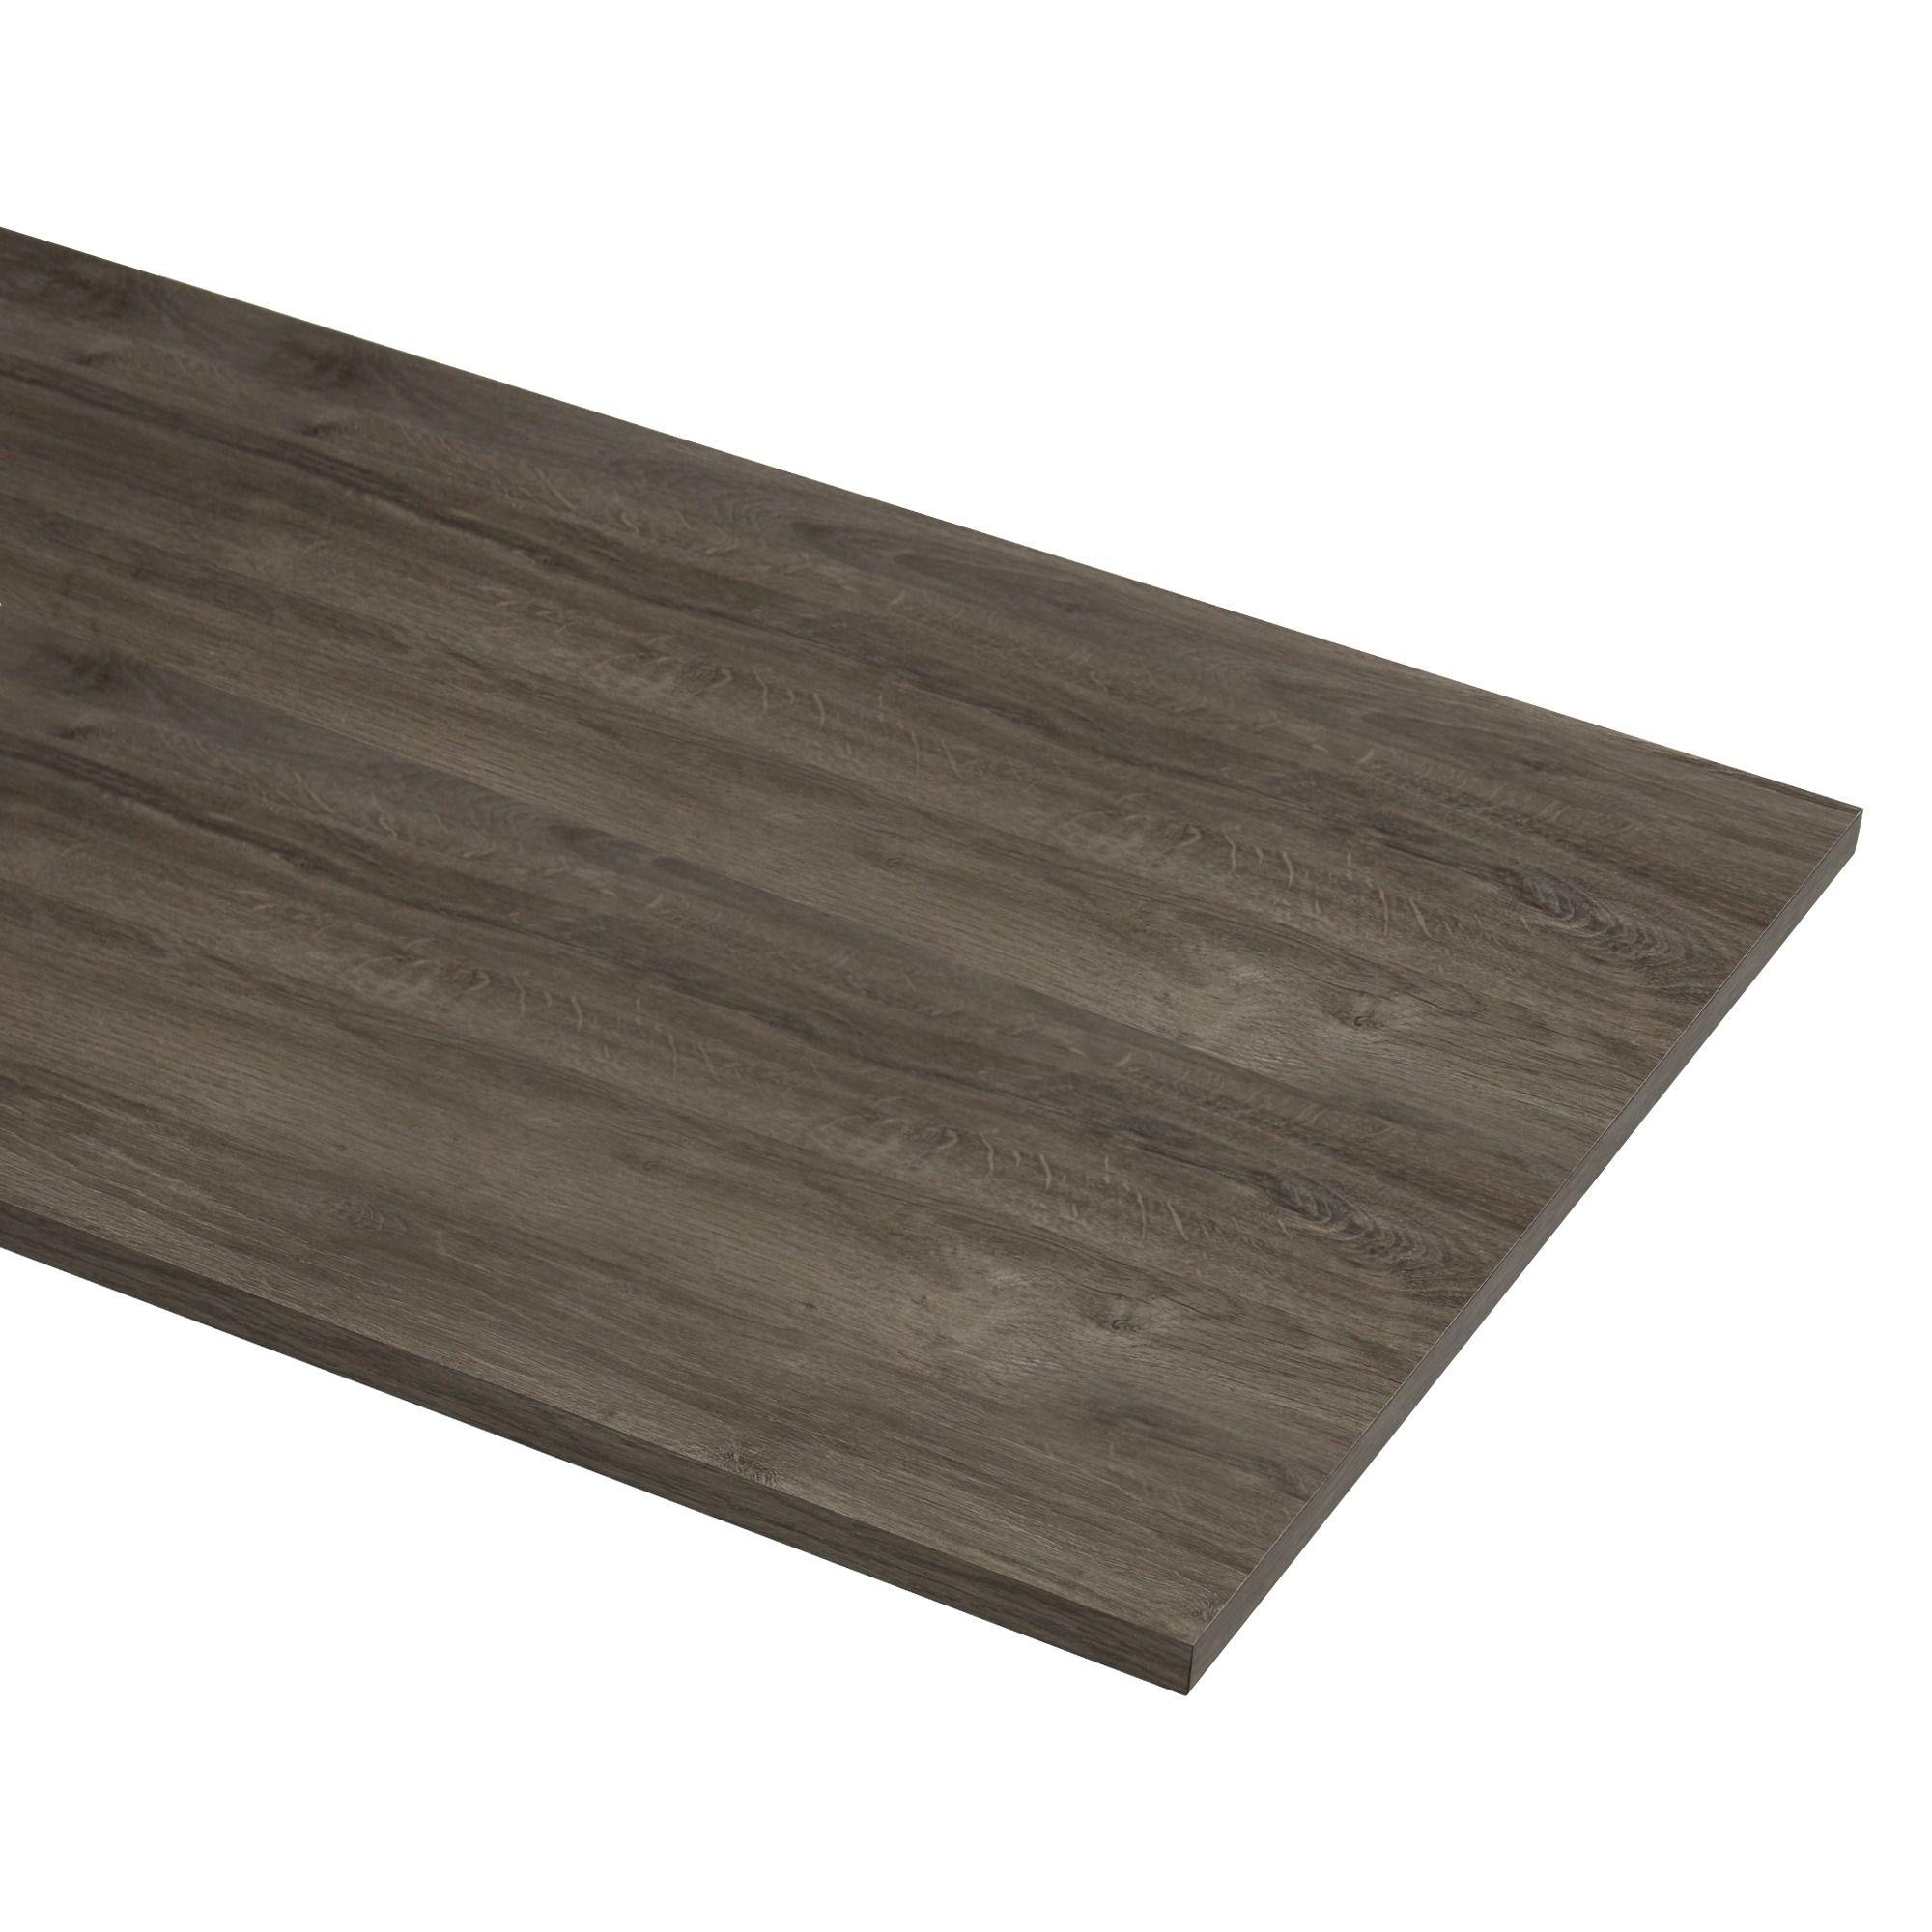 meubelpaneel grijs eiken 250x60 cm 18 mm uitleg hoe ik zelf de